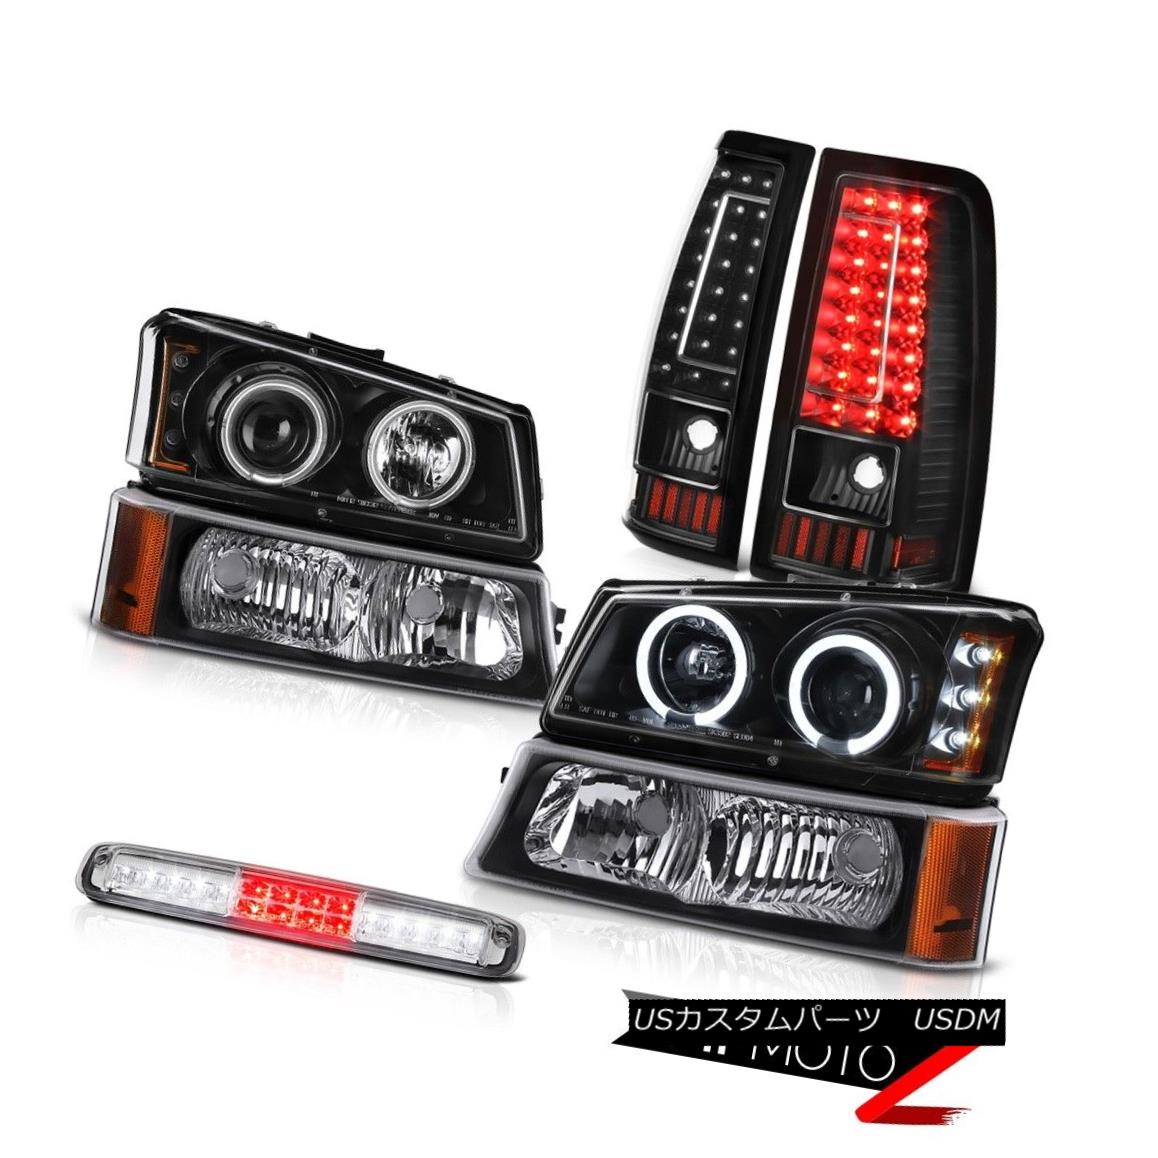 テールライト 03-06 Chevy Silverado Euro Chrome High Stop Light Tail Lamps Bumper Headlamps 03-06 Chevy Silverado Euro Chromeハイストップライトテールランプバンパーヘッドランプ